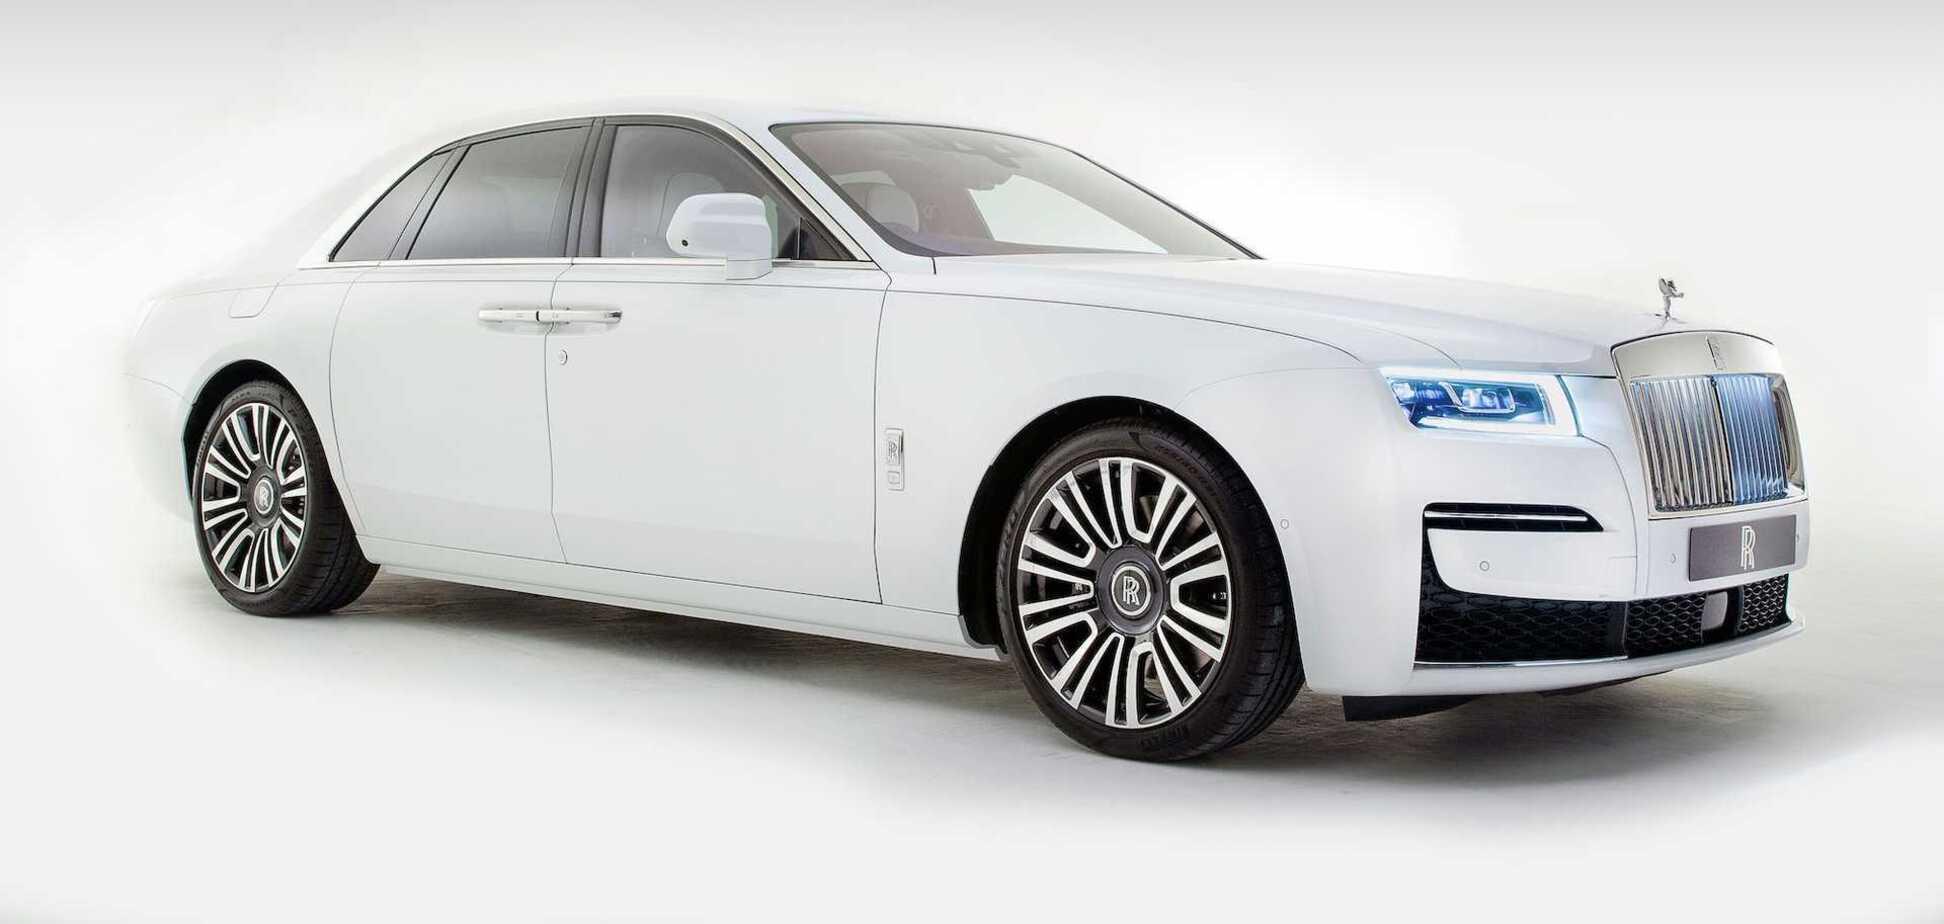 Новий Rolls-Royce Ghost в базовій комплектації обійдеться в $330 000. Фото: Rolls-Royce